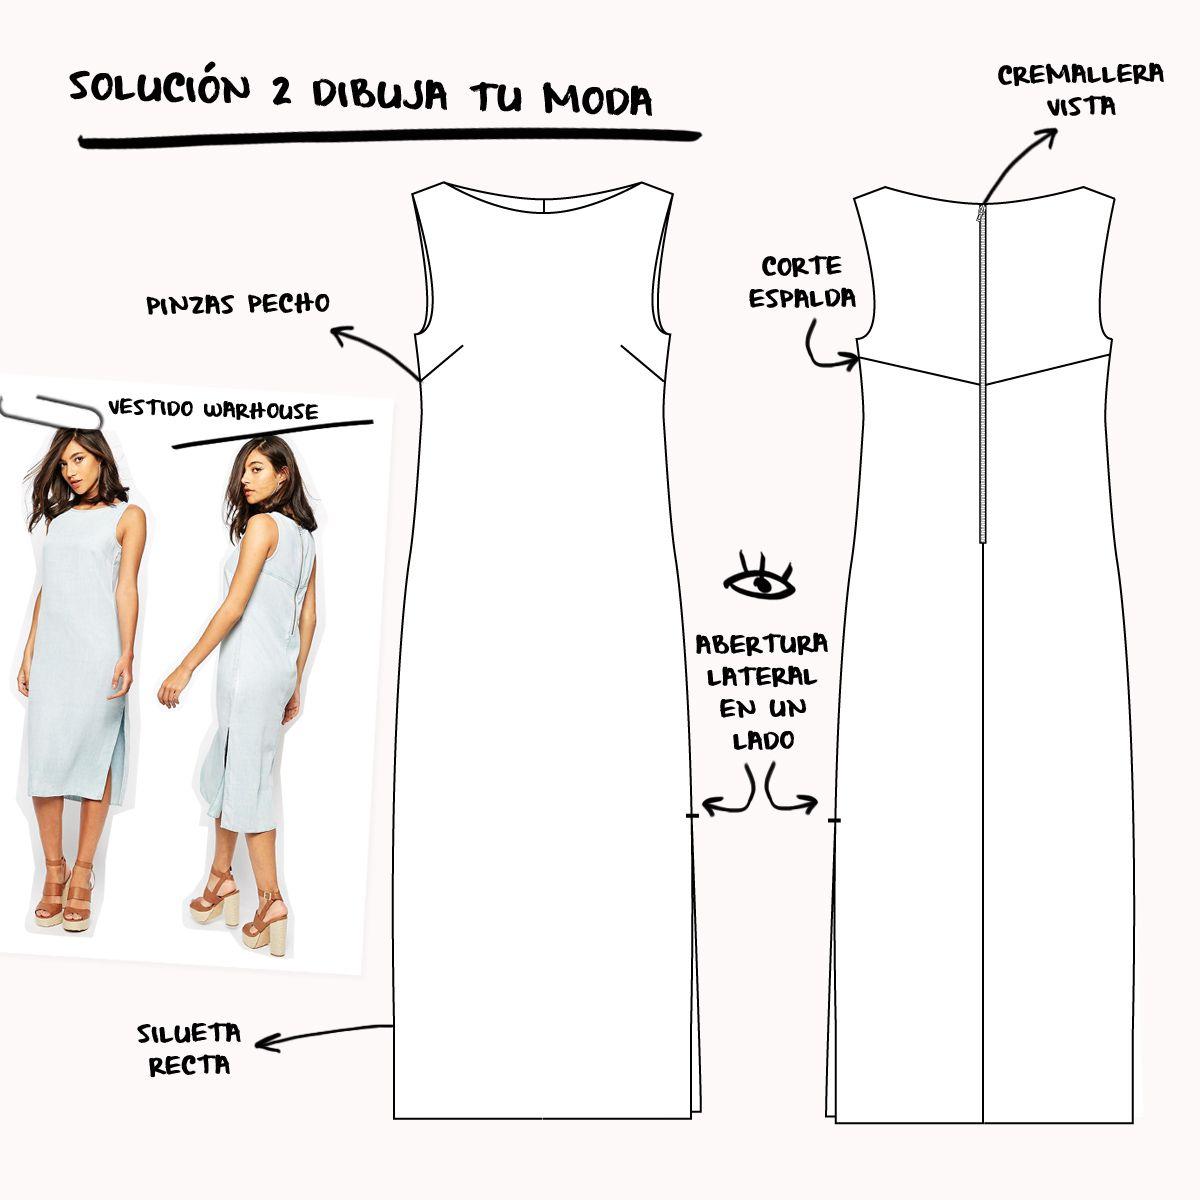 Solución de dibujo plano propuesto en la sección Dibuja tu moda en ...